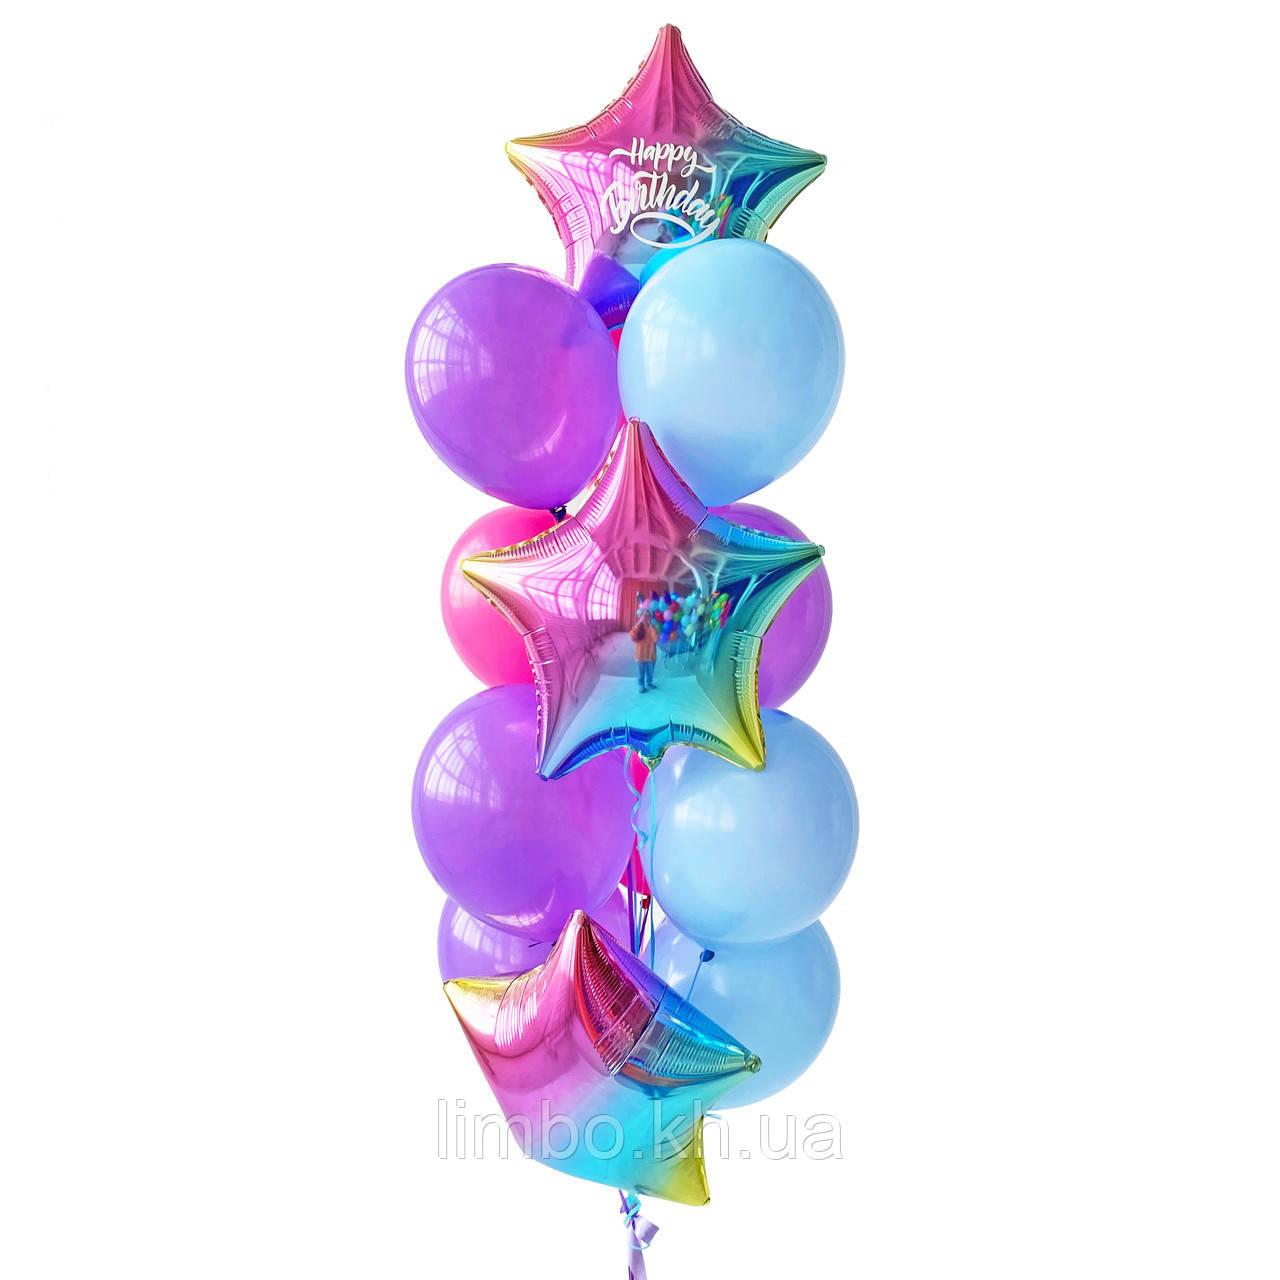 Кулі на день народження в рожево м'ятному кольорі з кулями браш